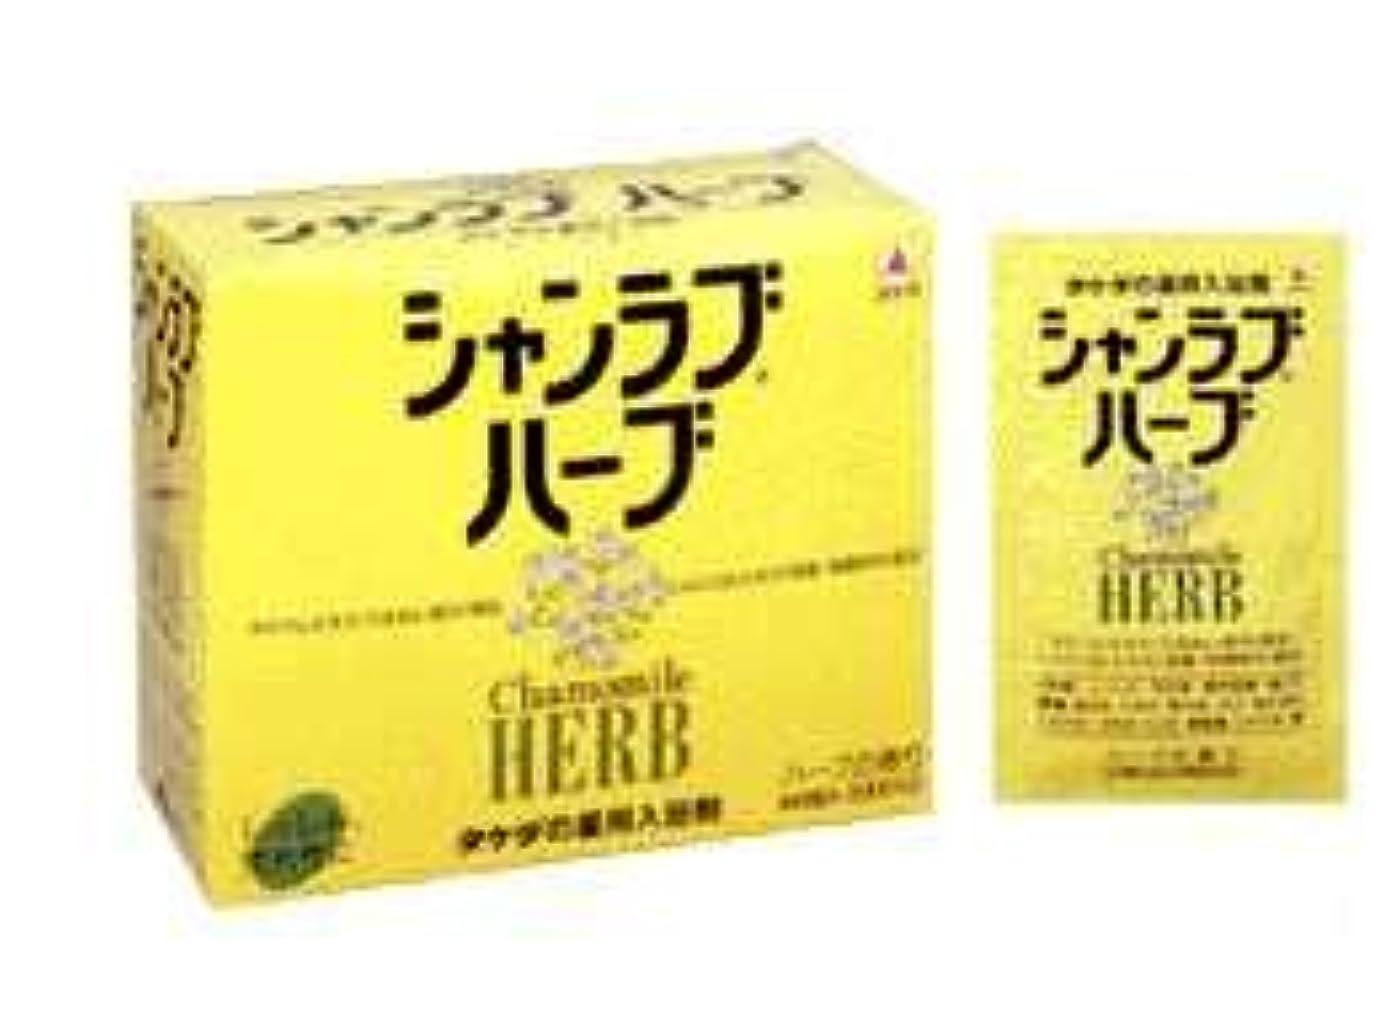 笑いによると後世シャンラブハーブ  30g×20包  武田薬品【医薬部外品】